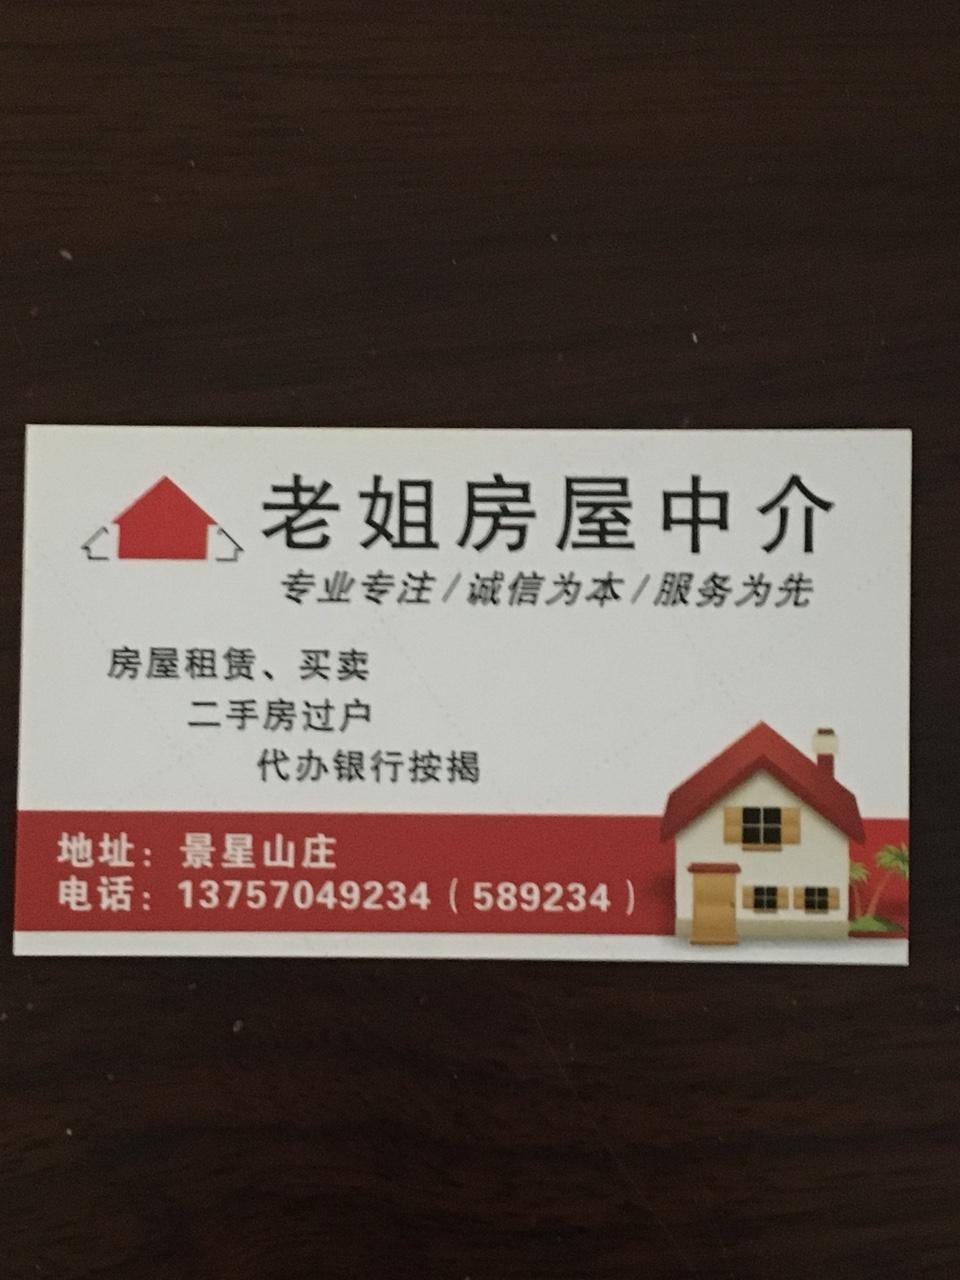 新香草公寓3室2厅1卫135万元